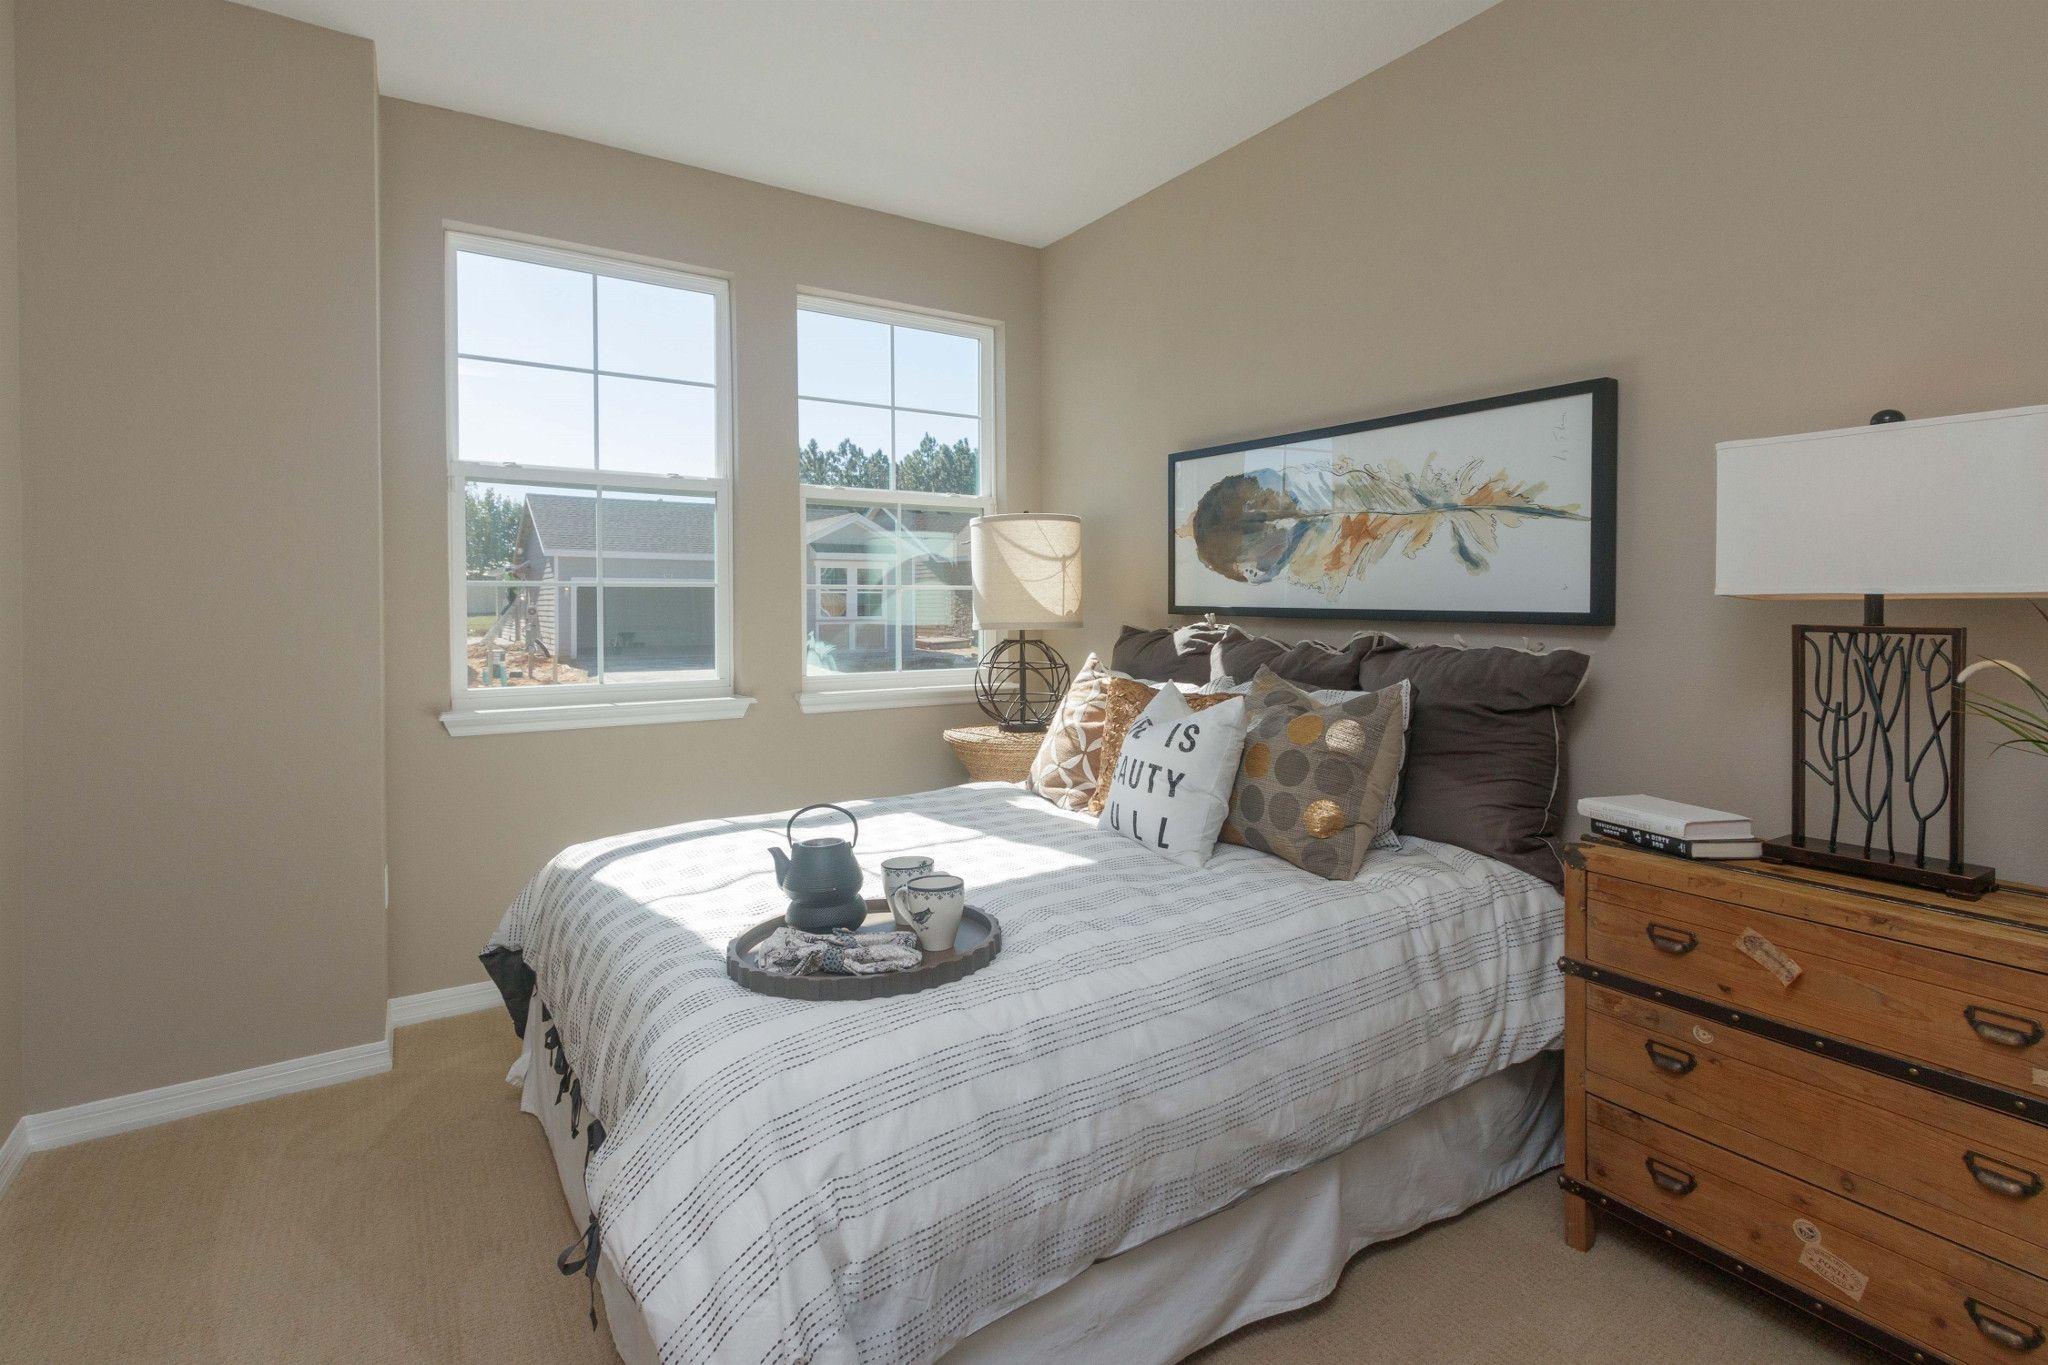 Bedroom-in-Capri-at-Trilogy® Orlando-in-Groveland